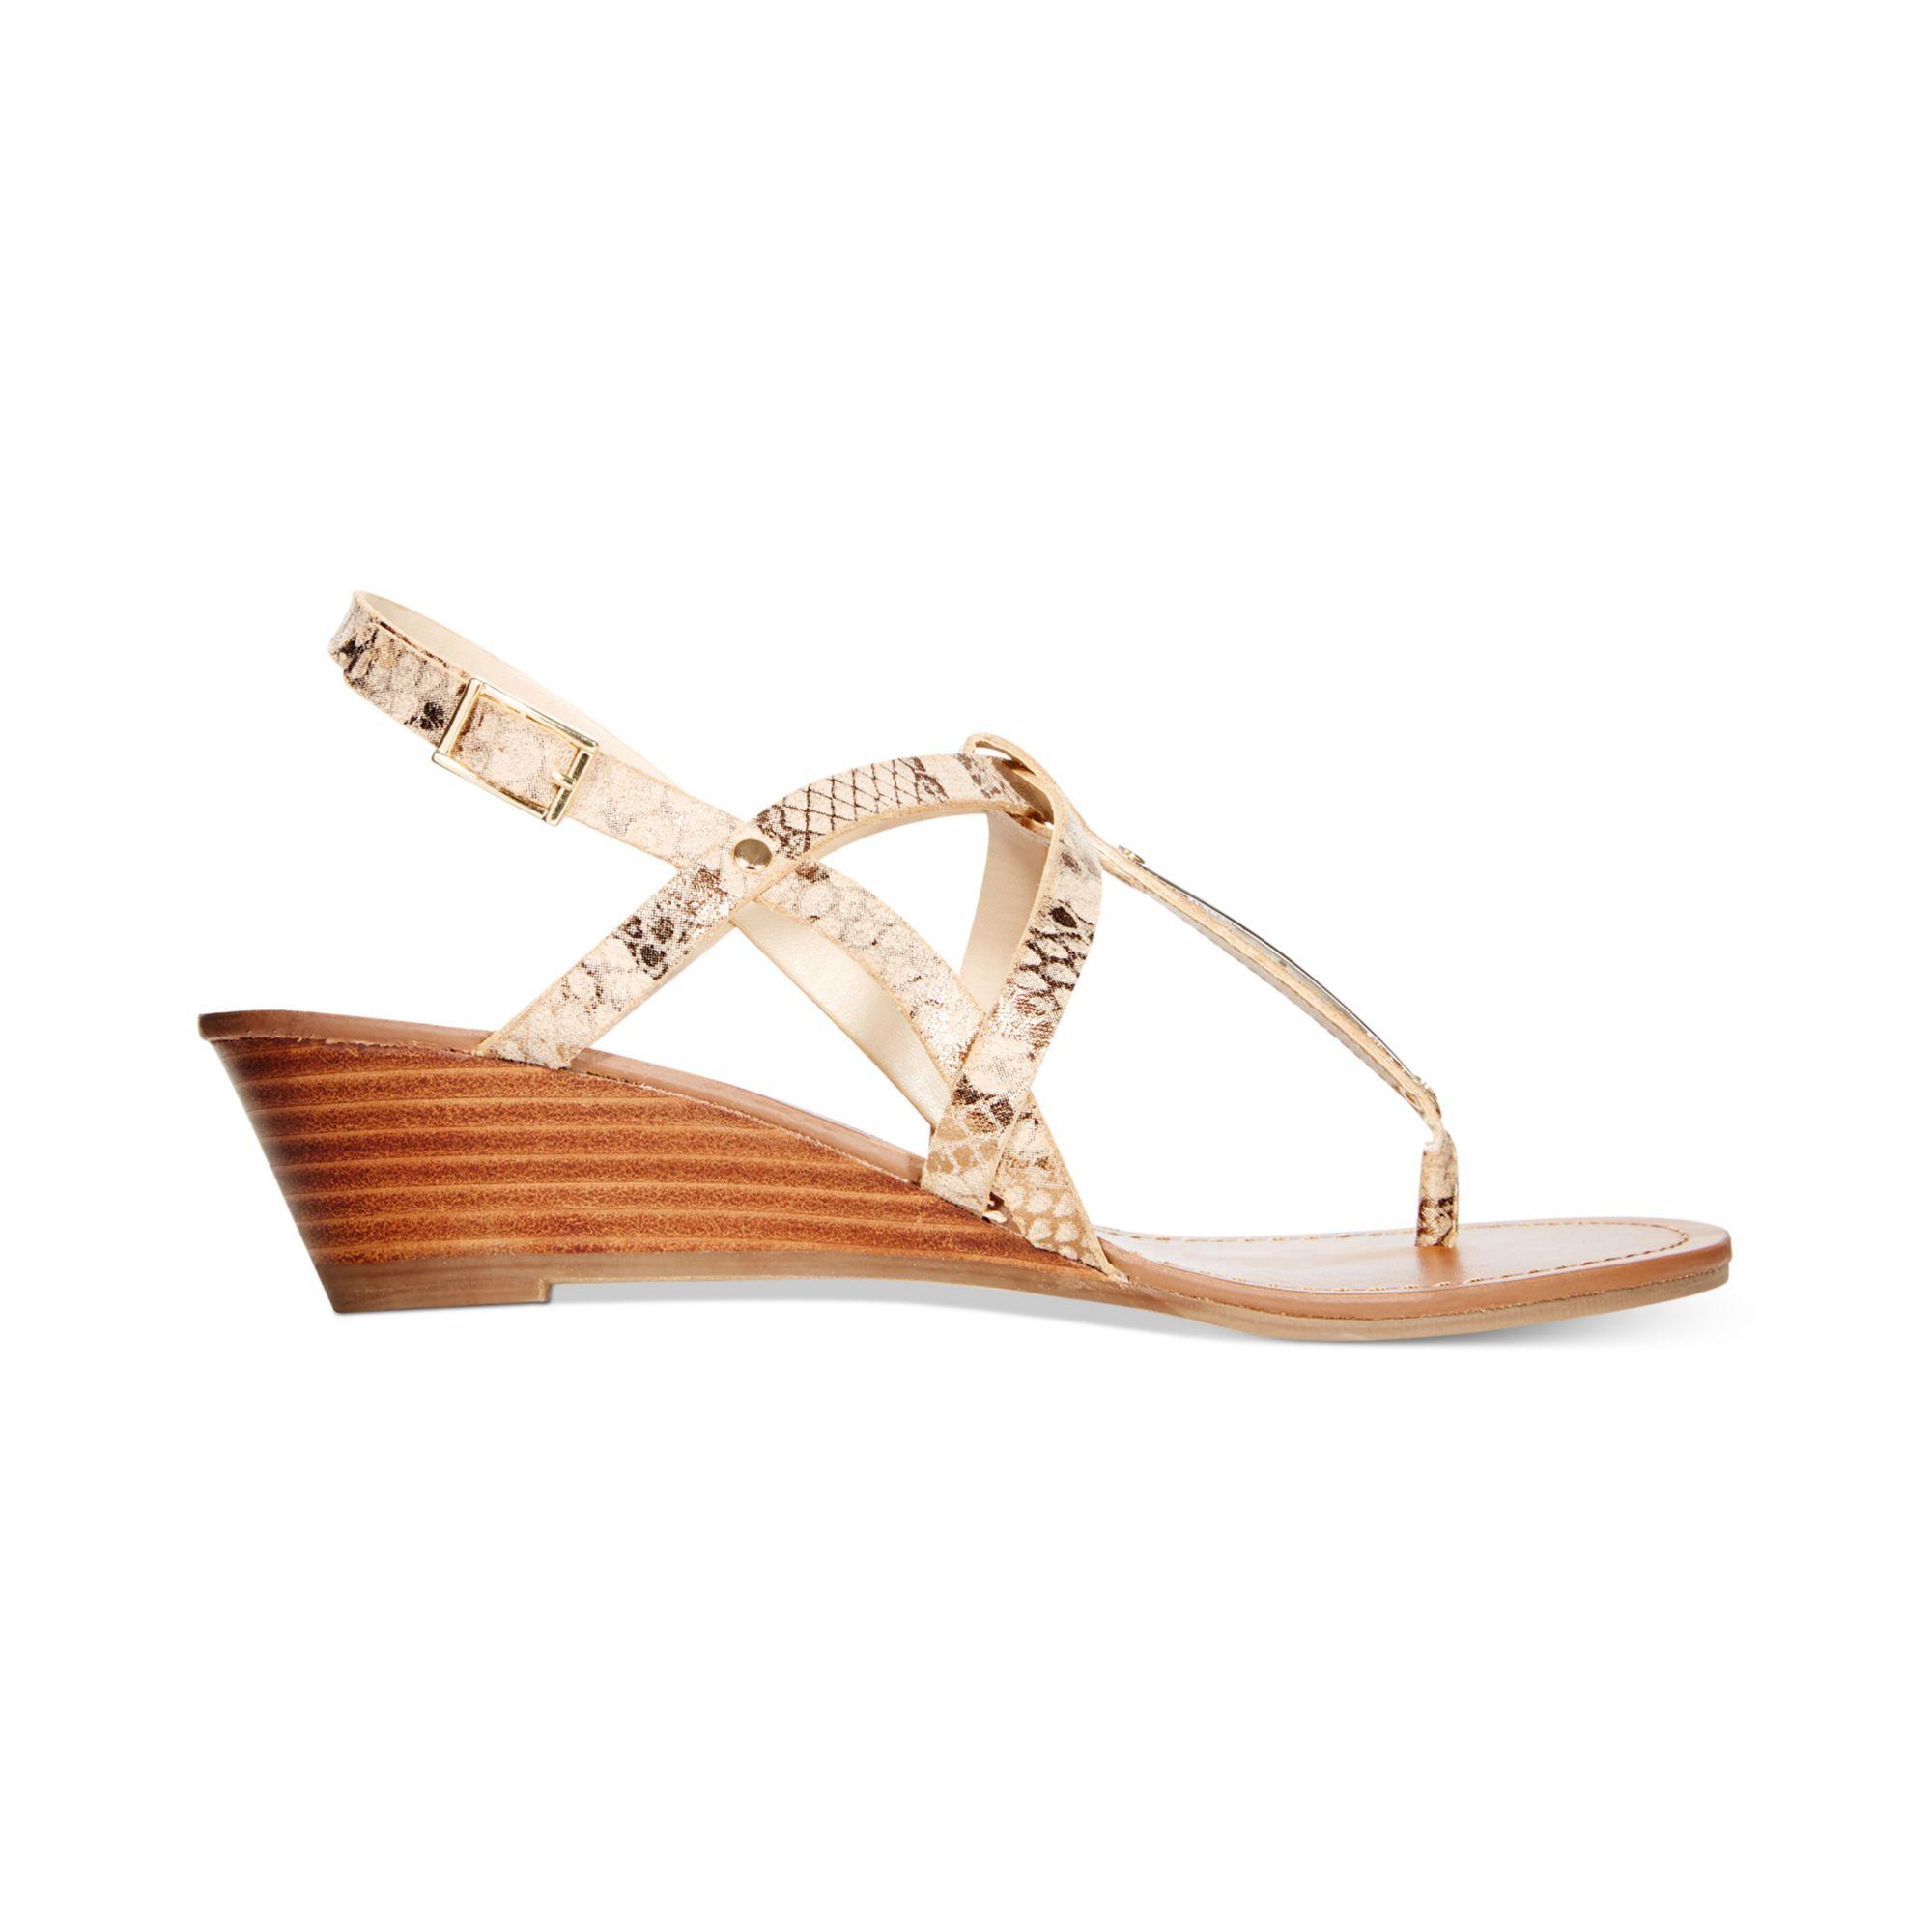 steve madden womens flirting demi wedge sandals in gold